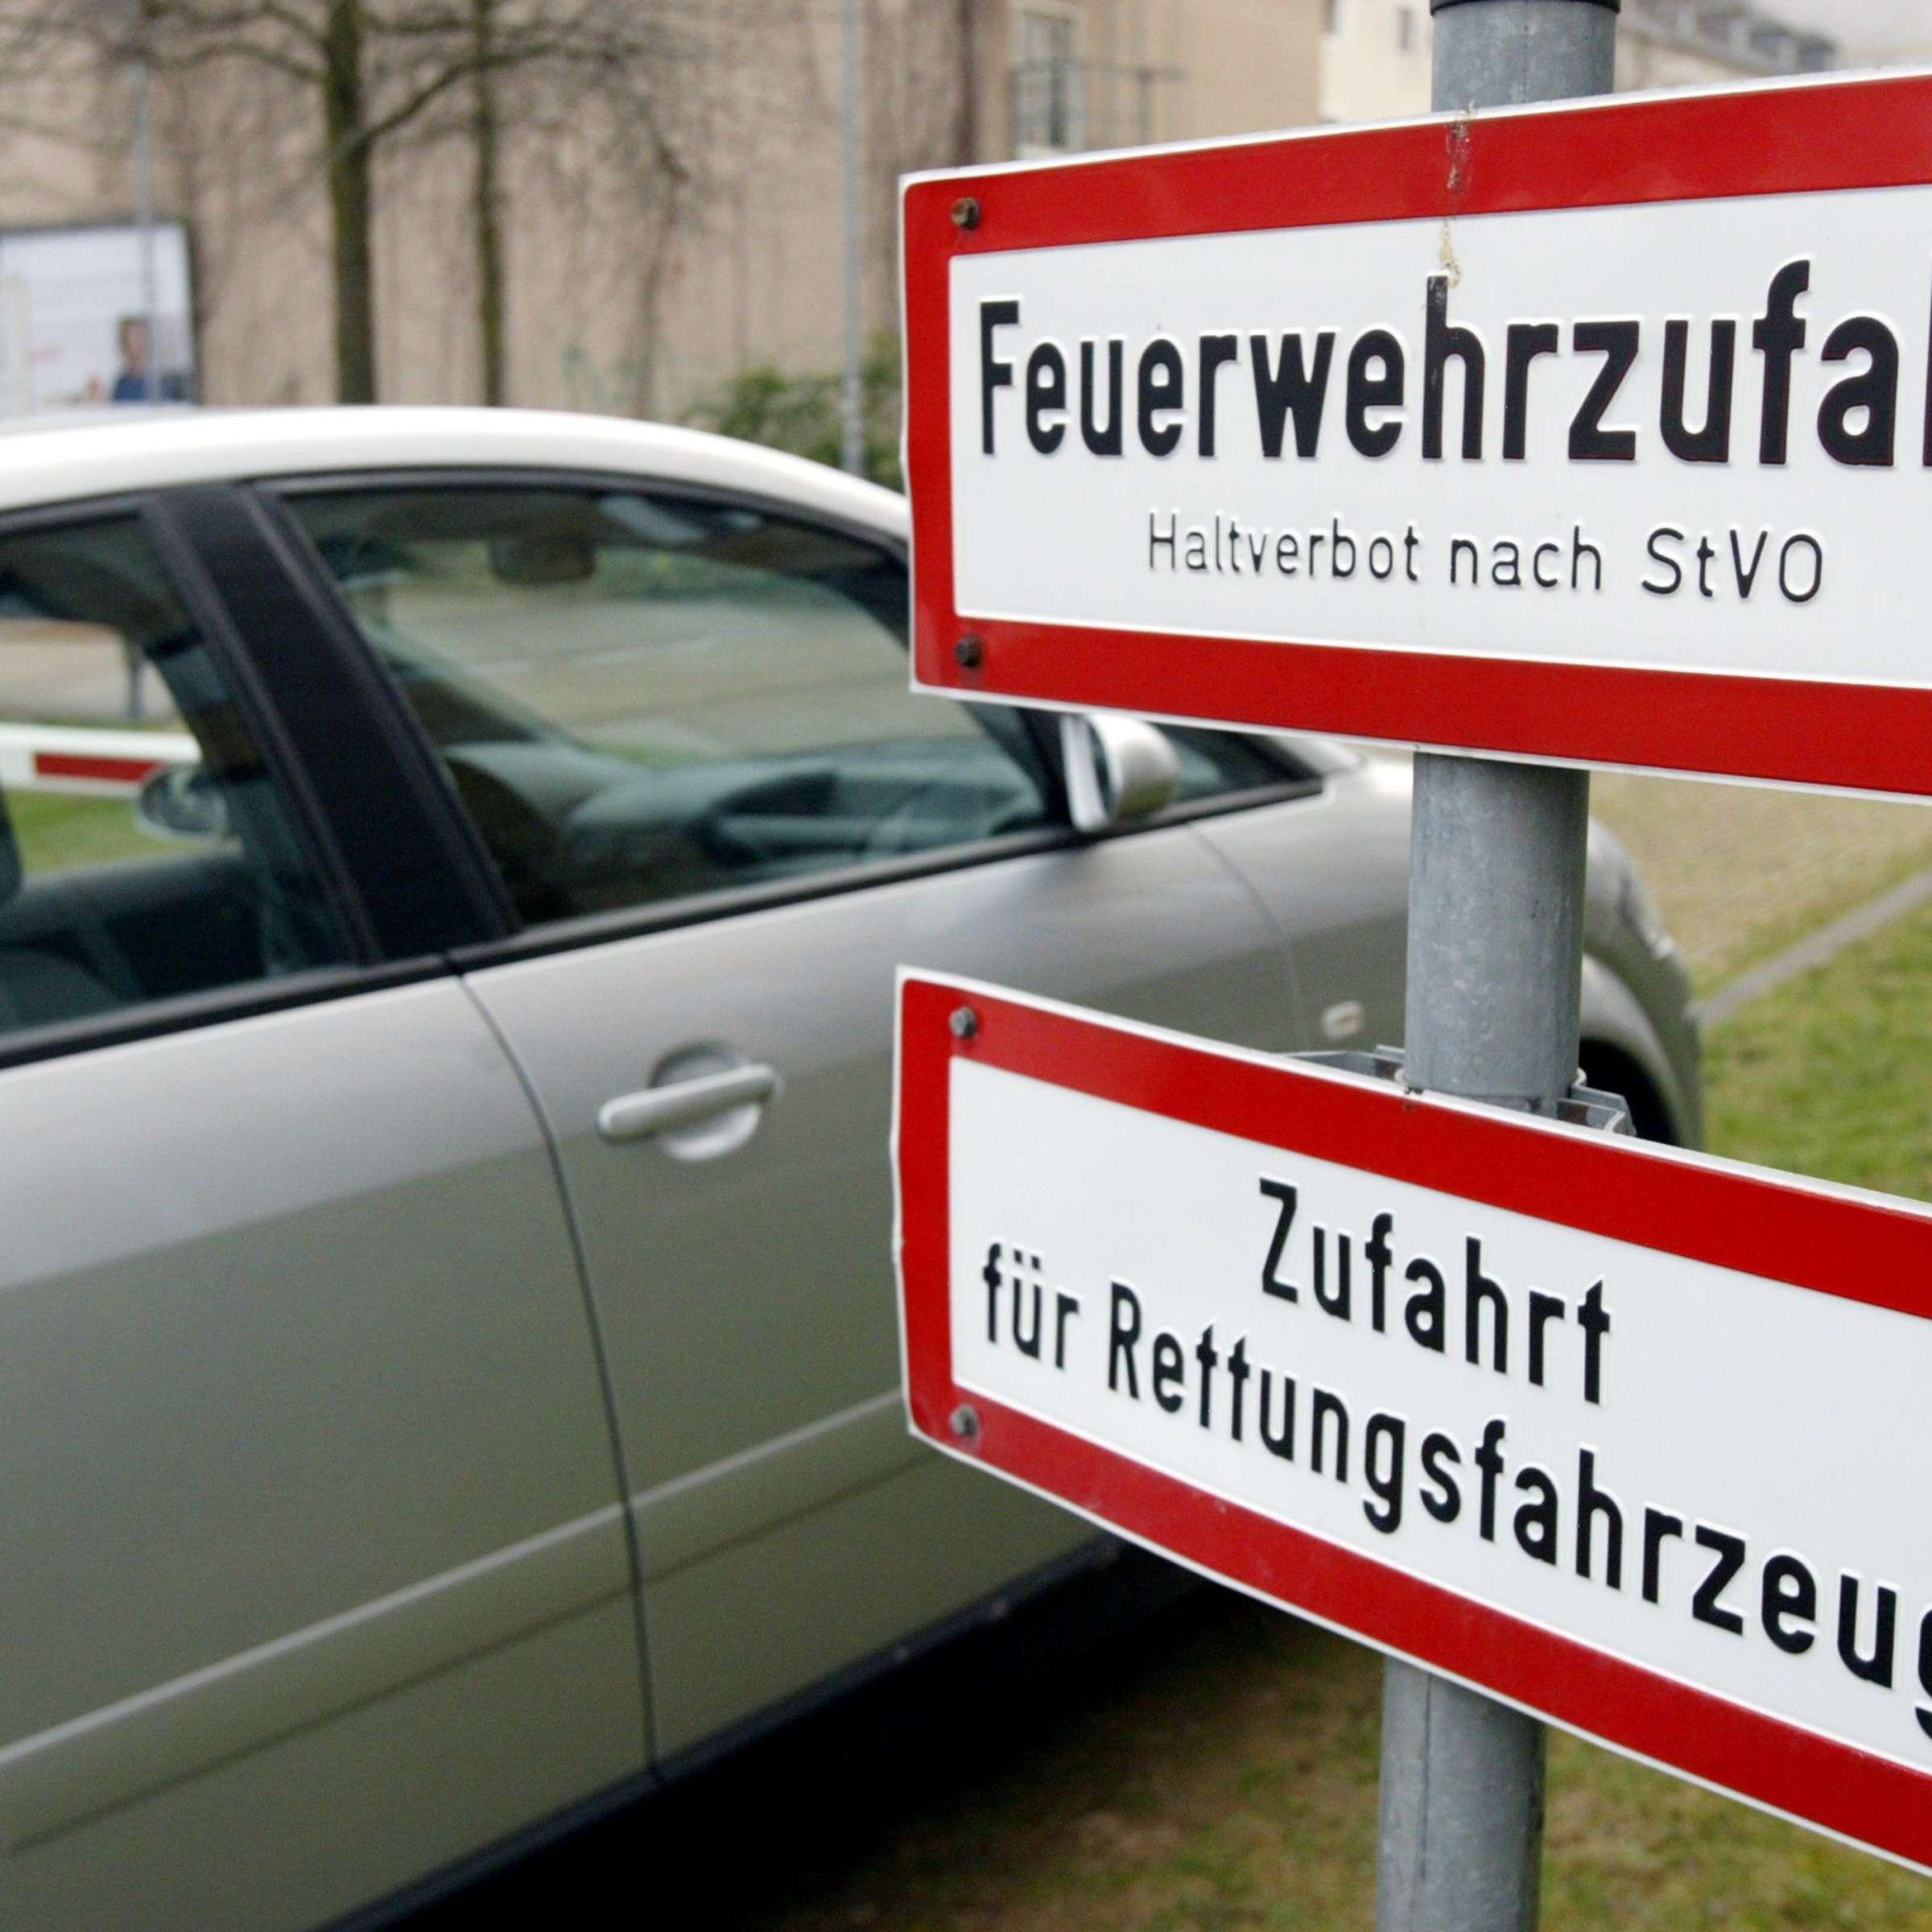 Erwischt Parkplatz Fast Mannheim: 18